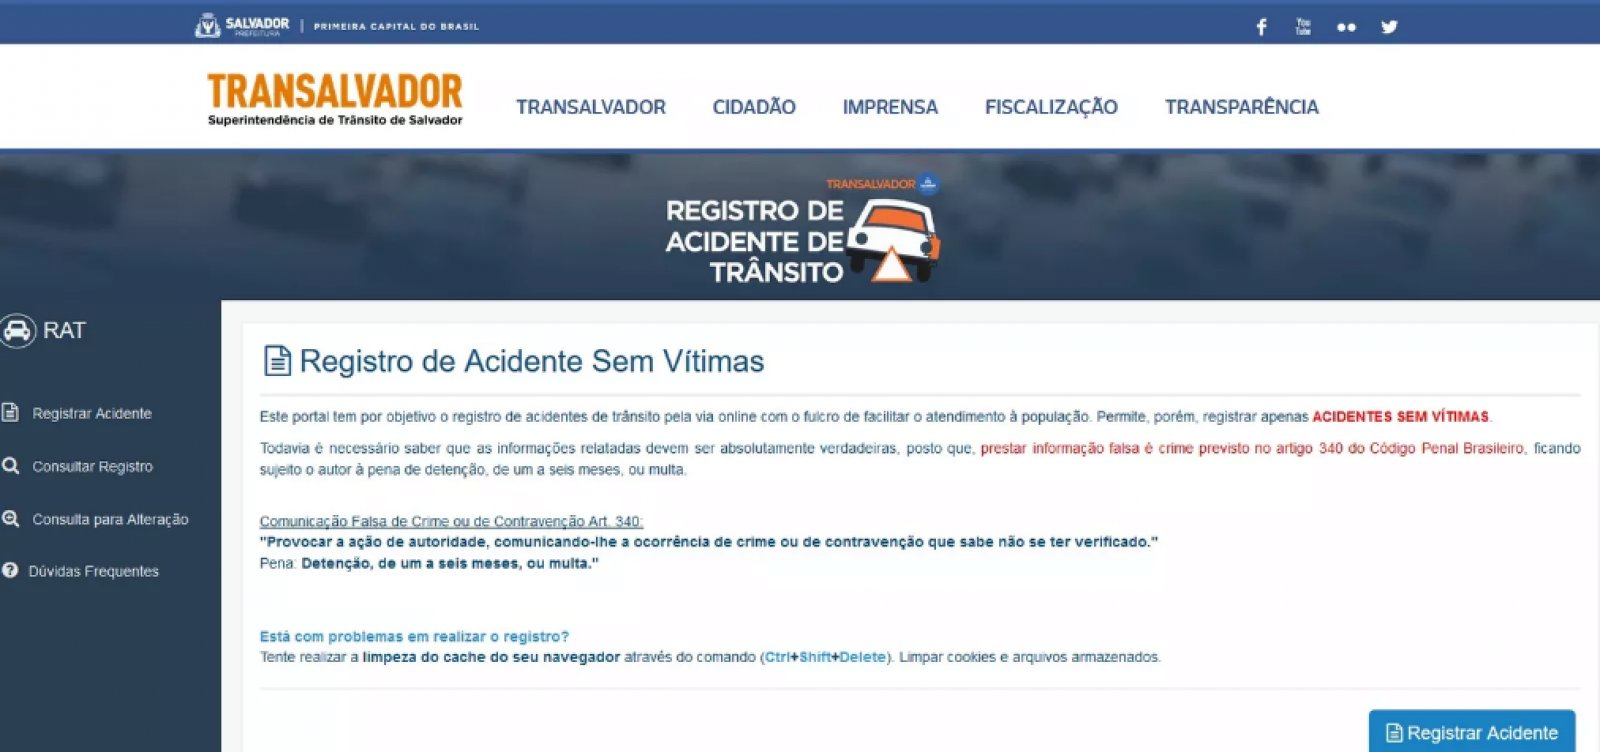 [Registro presencial de acidentes sem vítimas será suspenso pela Transalvador]